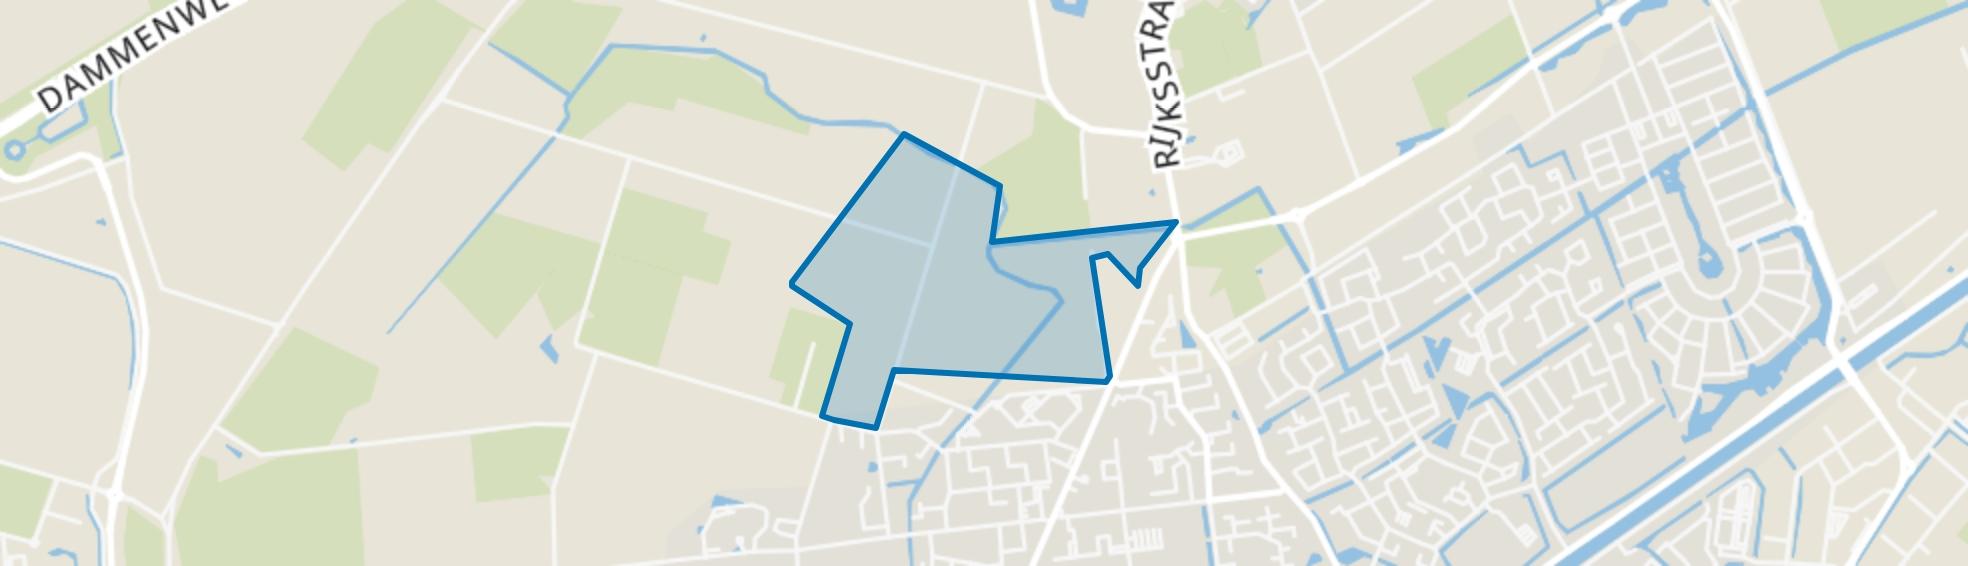 Boomgaard, Hellevoetsluis map